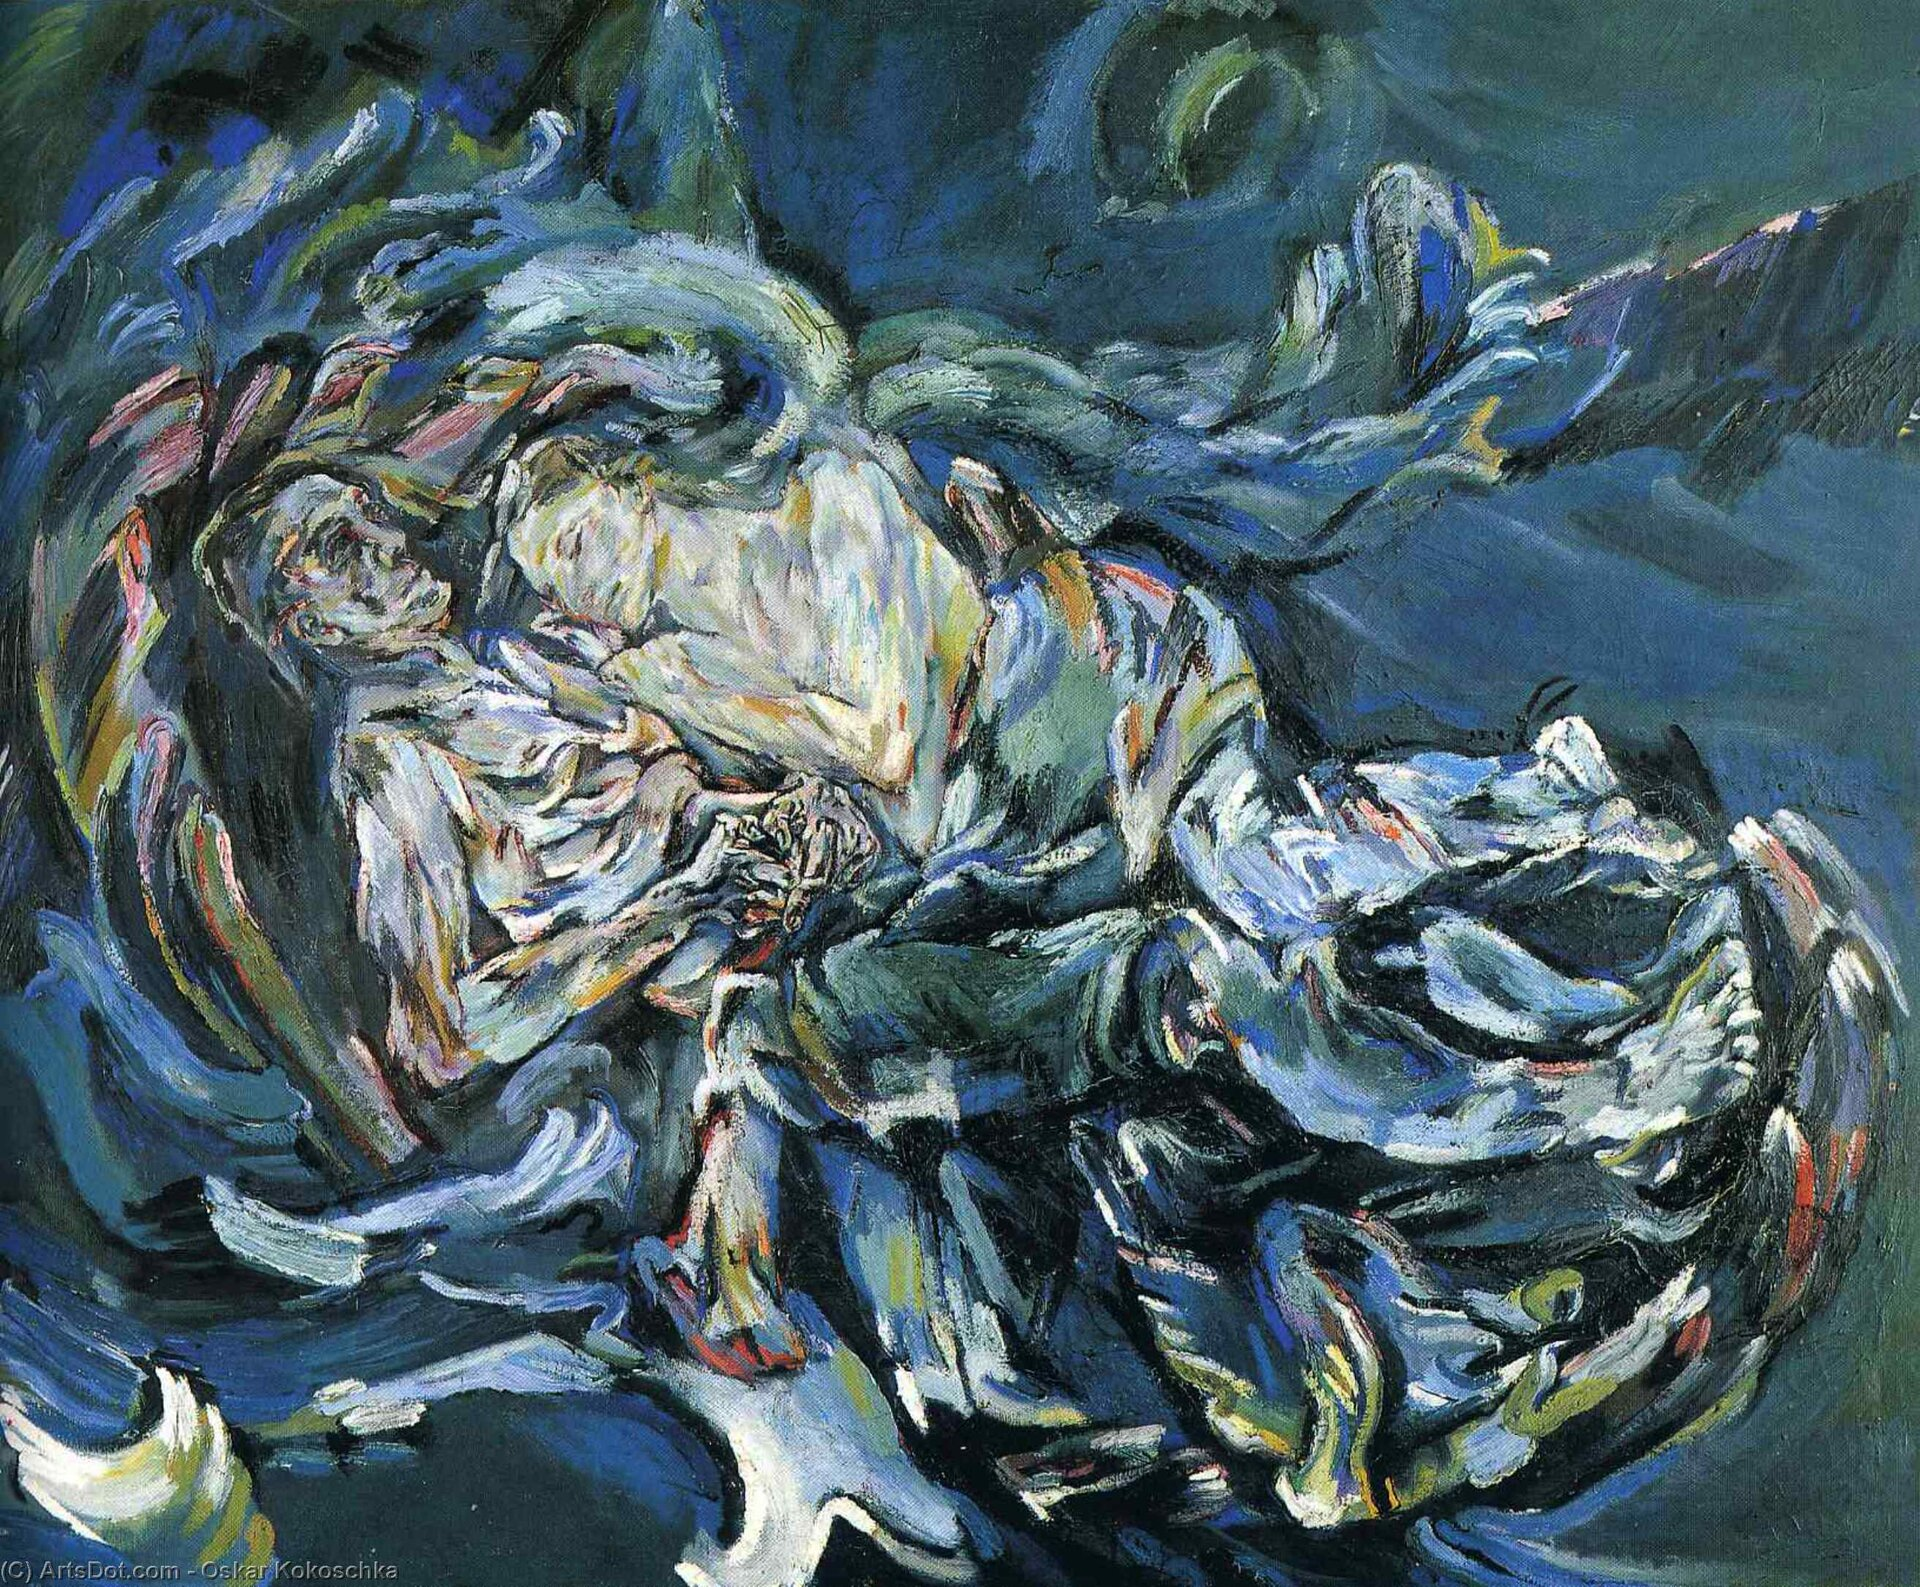 """Ilustracja przedstawia obraz Oskara Kokoschka pt. """"Narzeczona wiatru"""". Na płótnie widać dwie postacie. Kobieta wydaje się spokojna iodprężona. Mężczyzna niespokojnie czuwa, ajego dłonie są nerwowo splecione ze sobą. Wobrębie jego postaci pojawia się różowo-bordowa poświata. Obraz ukazany jest wlodowatych błękitach, zieleniach iszarościach zakcentami rozbielonego różu."""